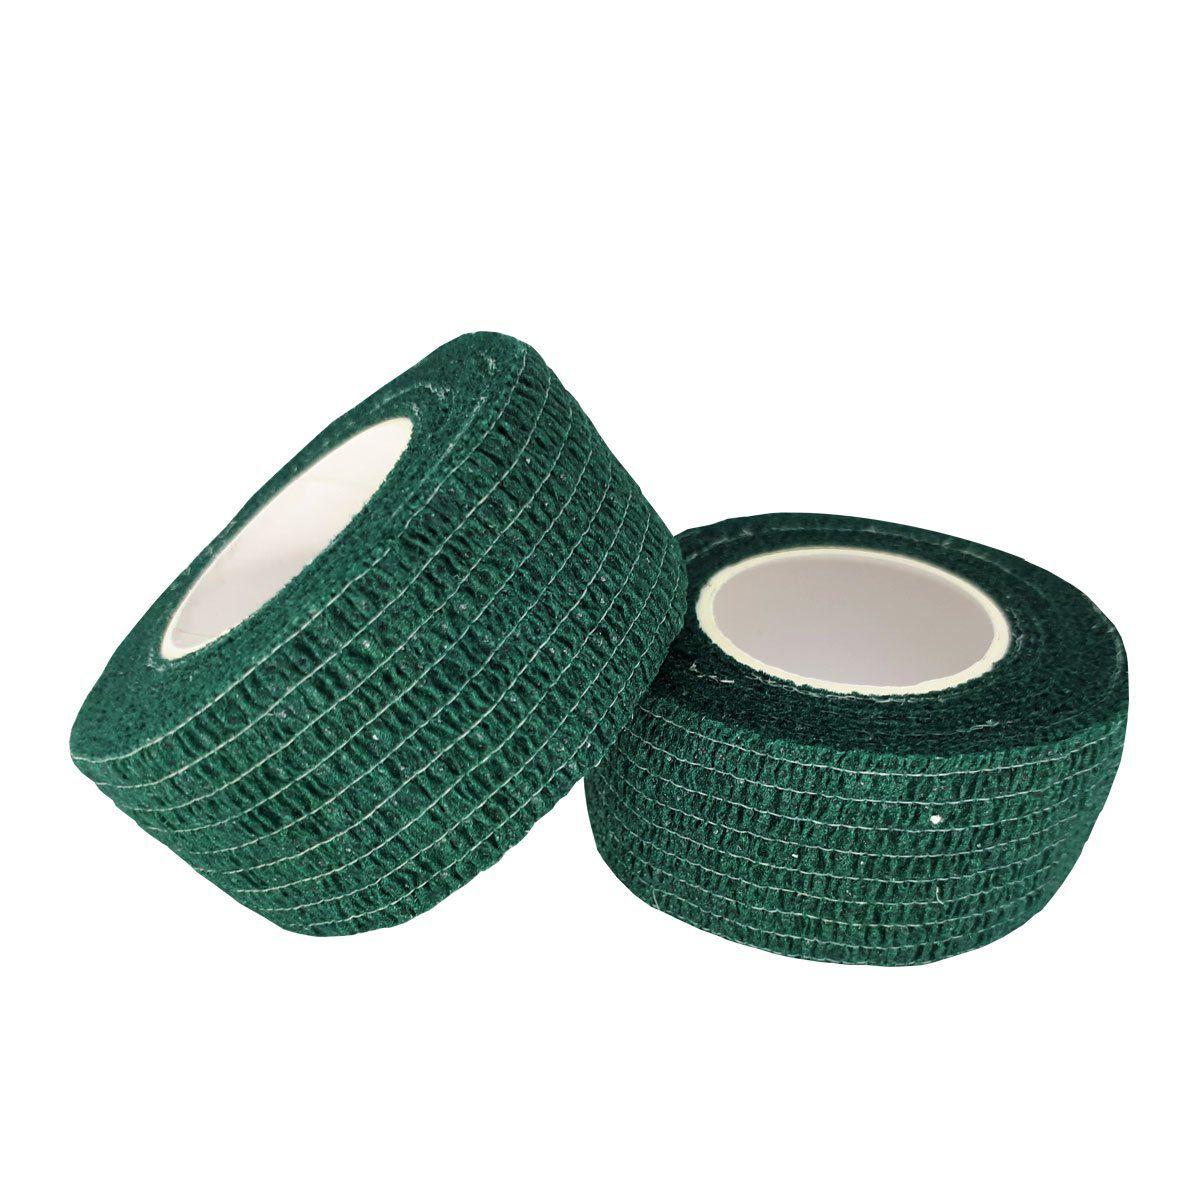 Fita Proteção e Camuflagem Albatroz Camo Tape Slim 5 Mts 2un